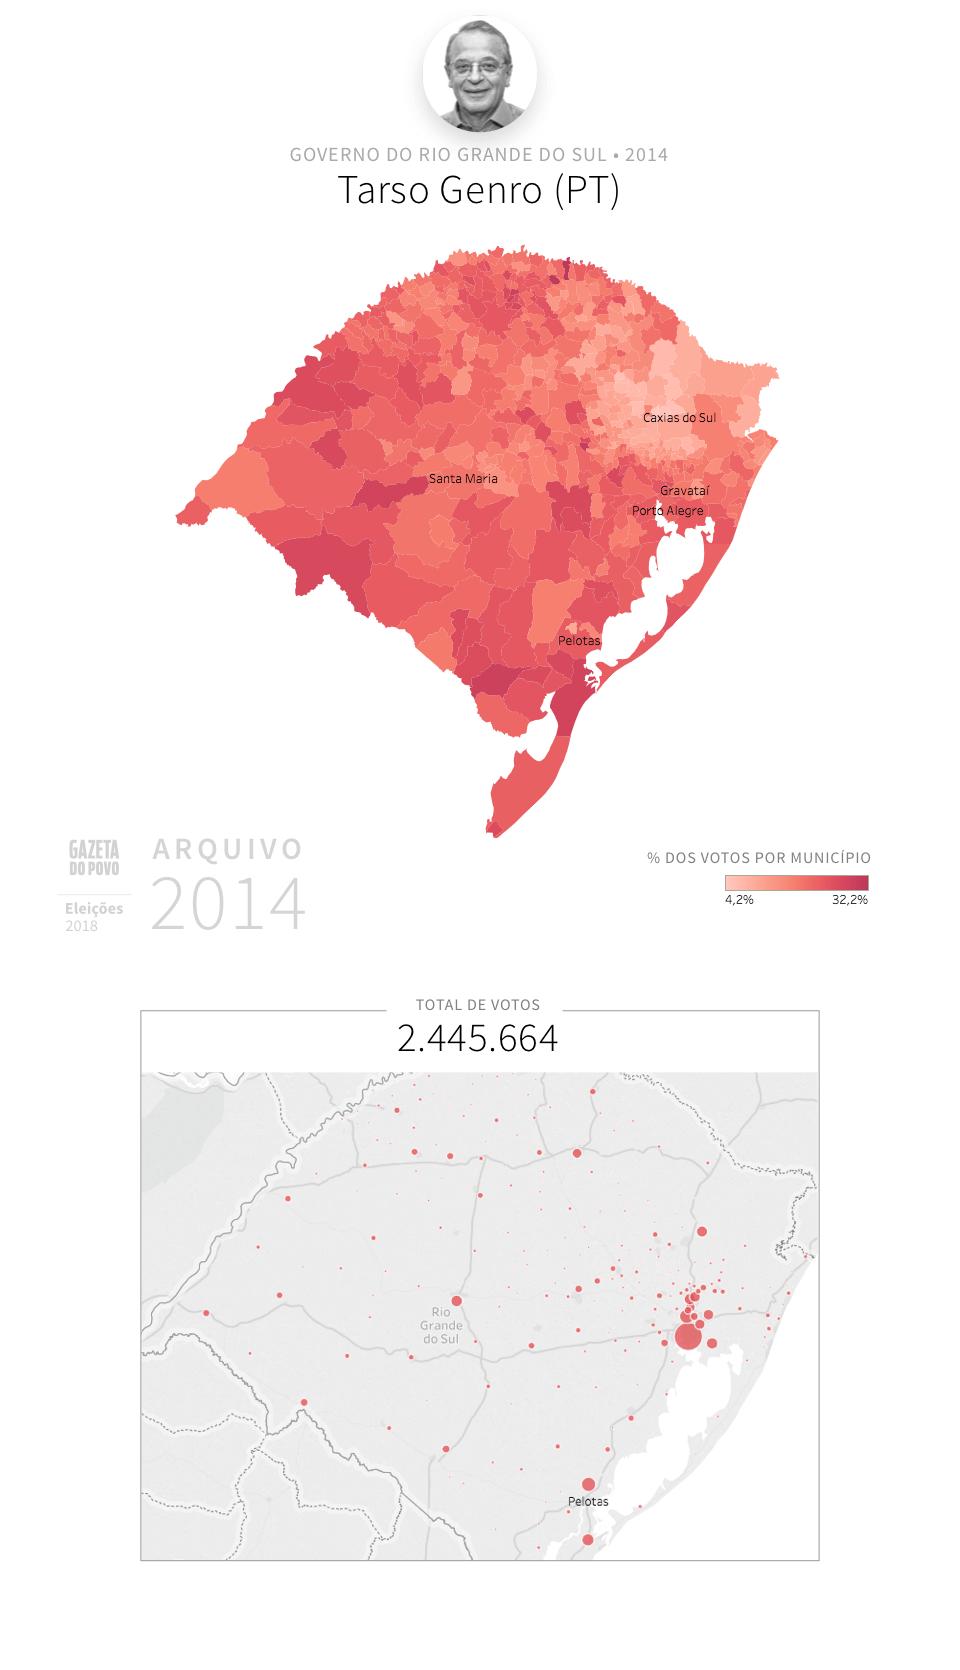 Desempenho do PT no Rio Grande do Sul em 2014, na eleição para governador do Rio Grande do Sul. Em % do total de votos em cada município.